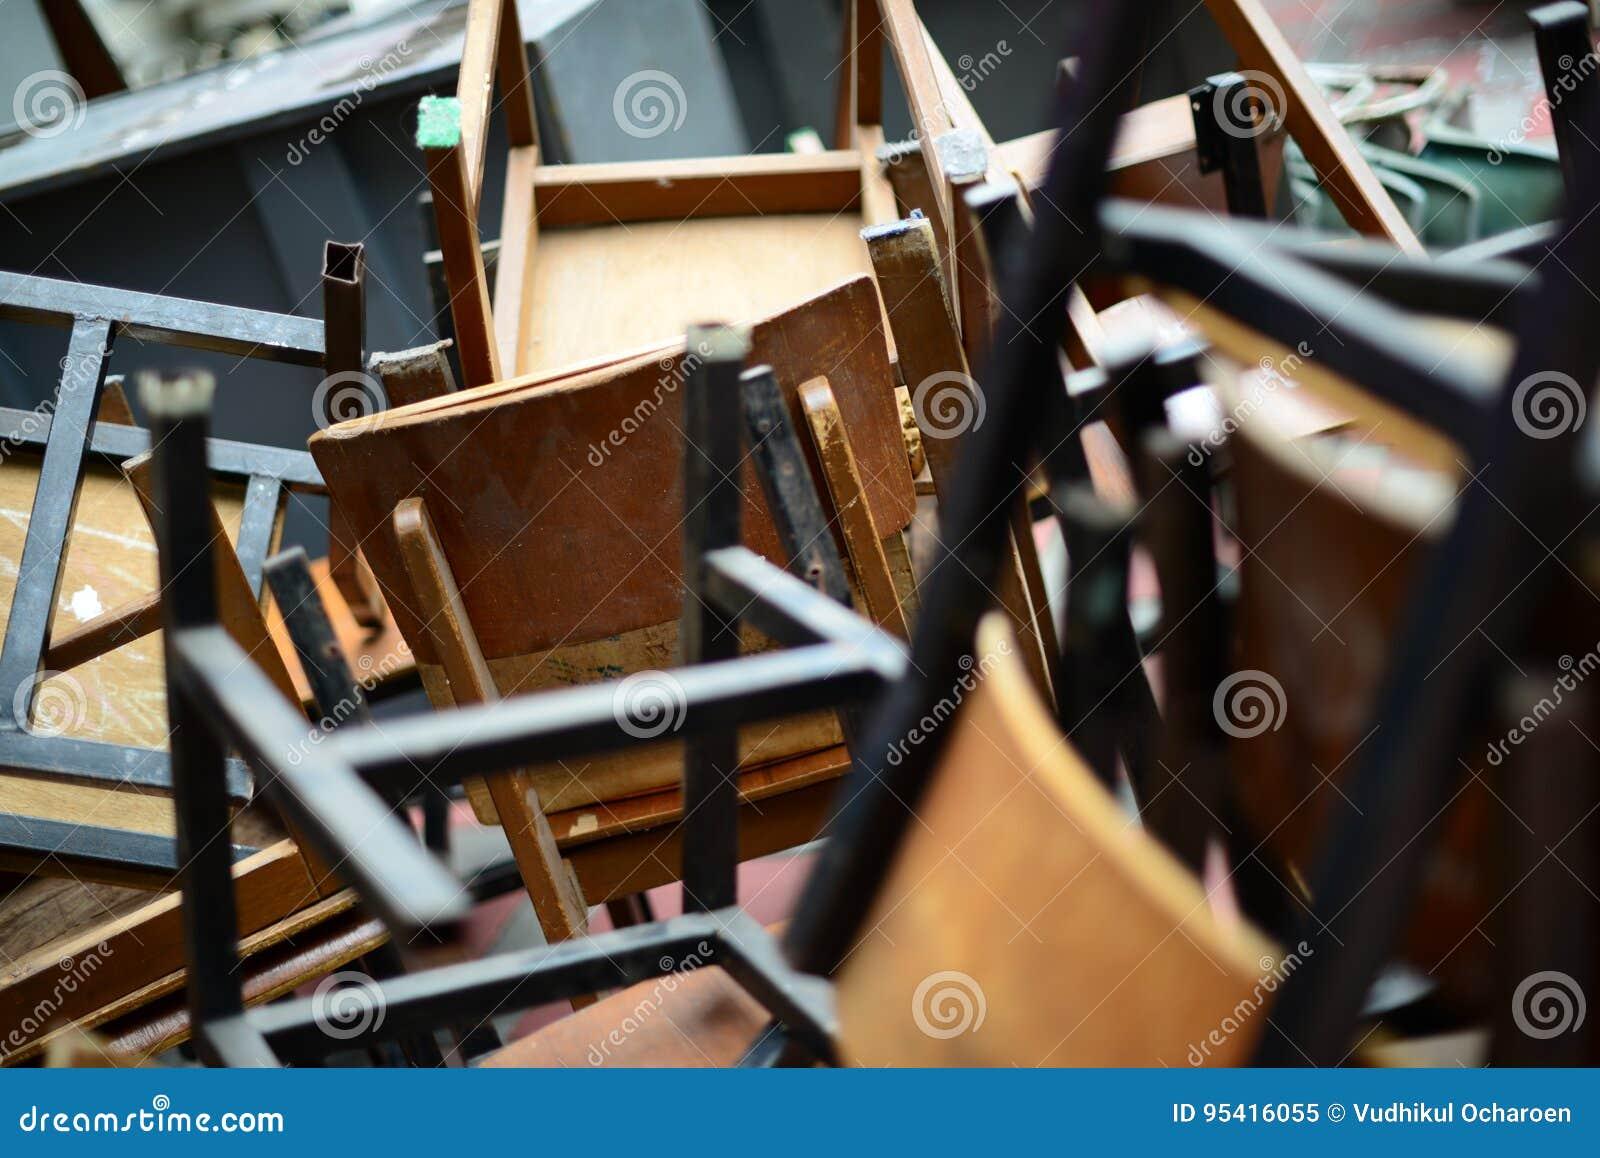 Bureau Met Stoel : Verlaten gebroken houten stoel en bureau stock afbeelding